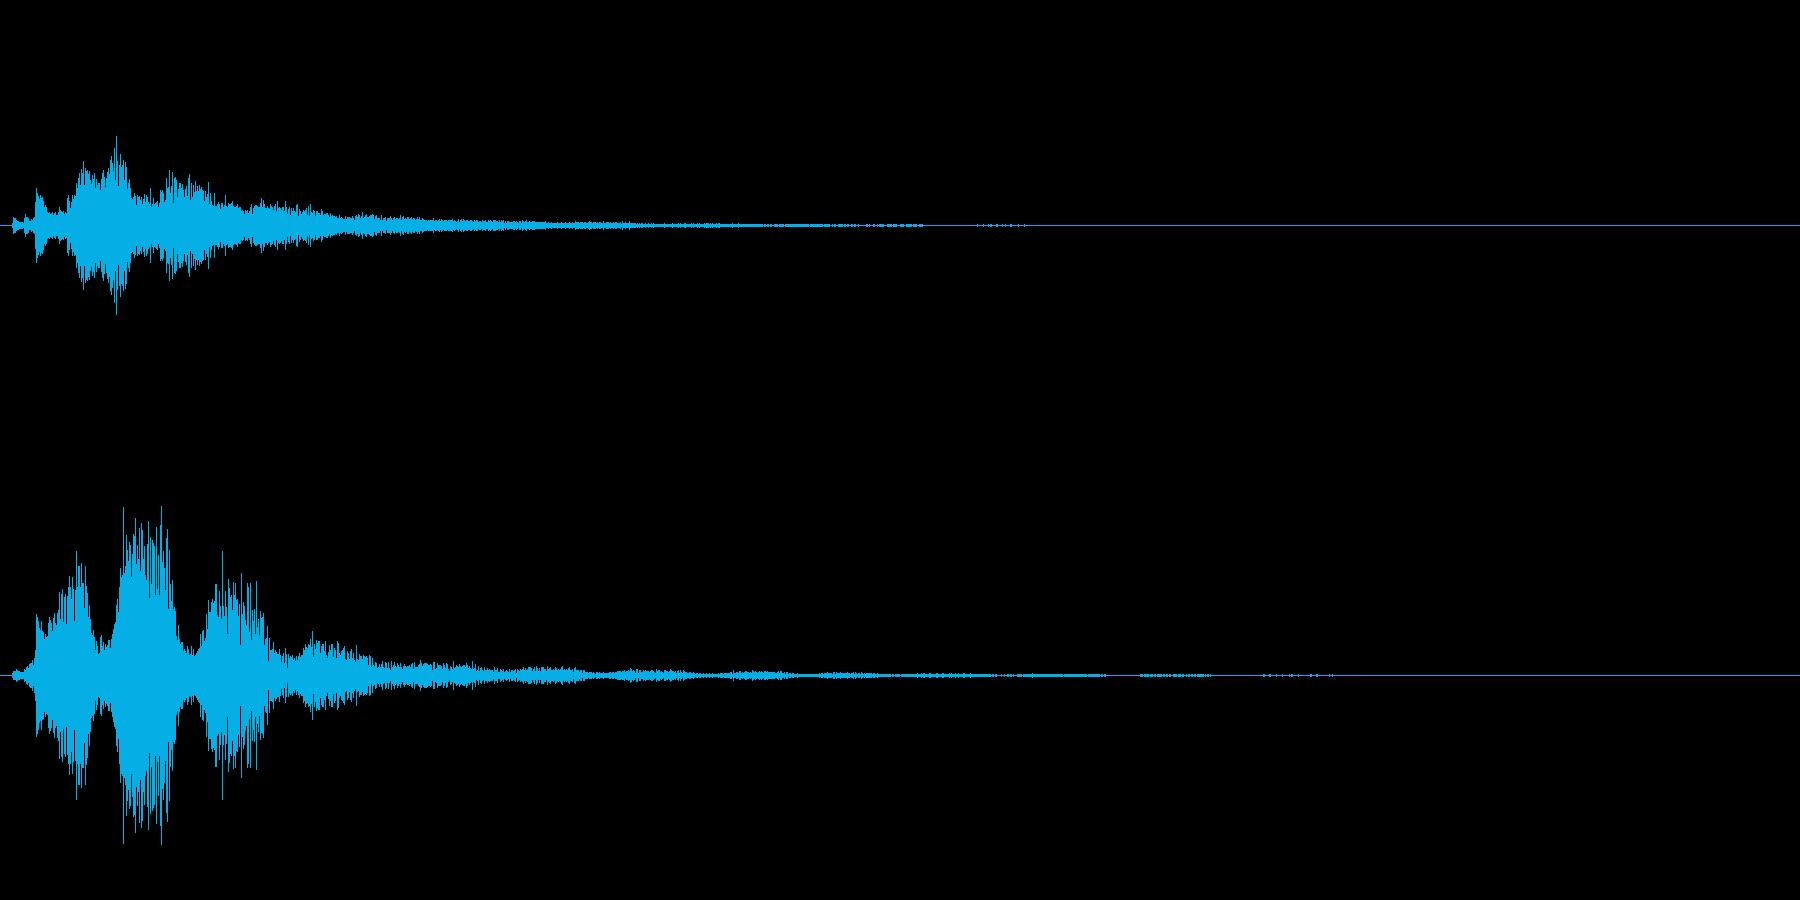 キラキラ系_063の再生済みの波形